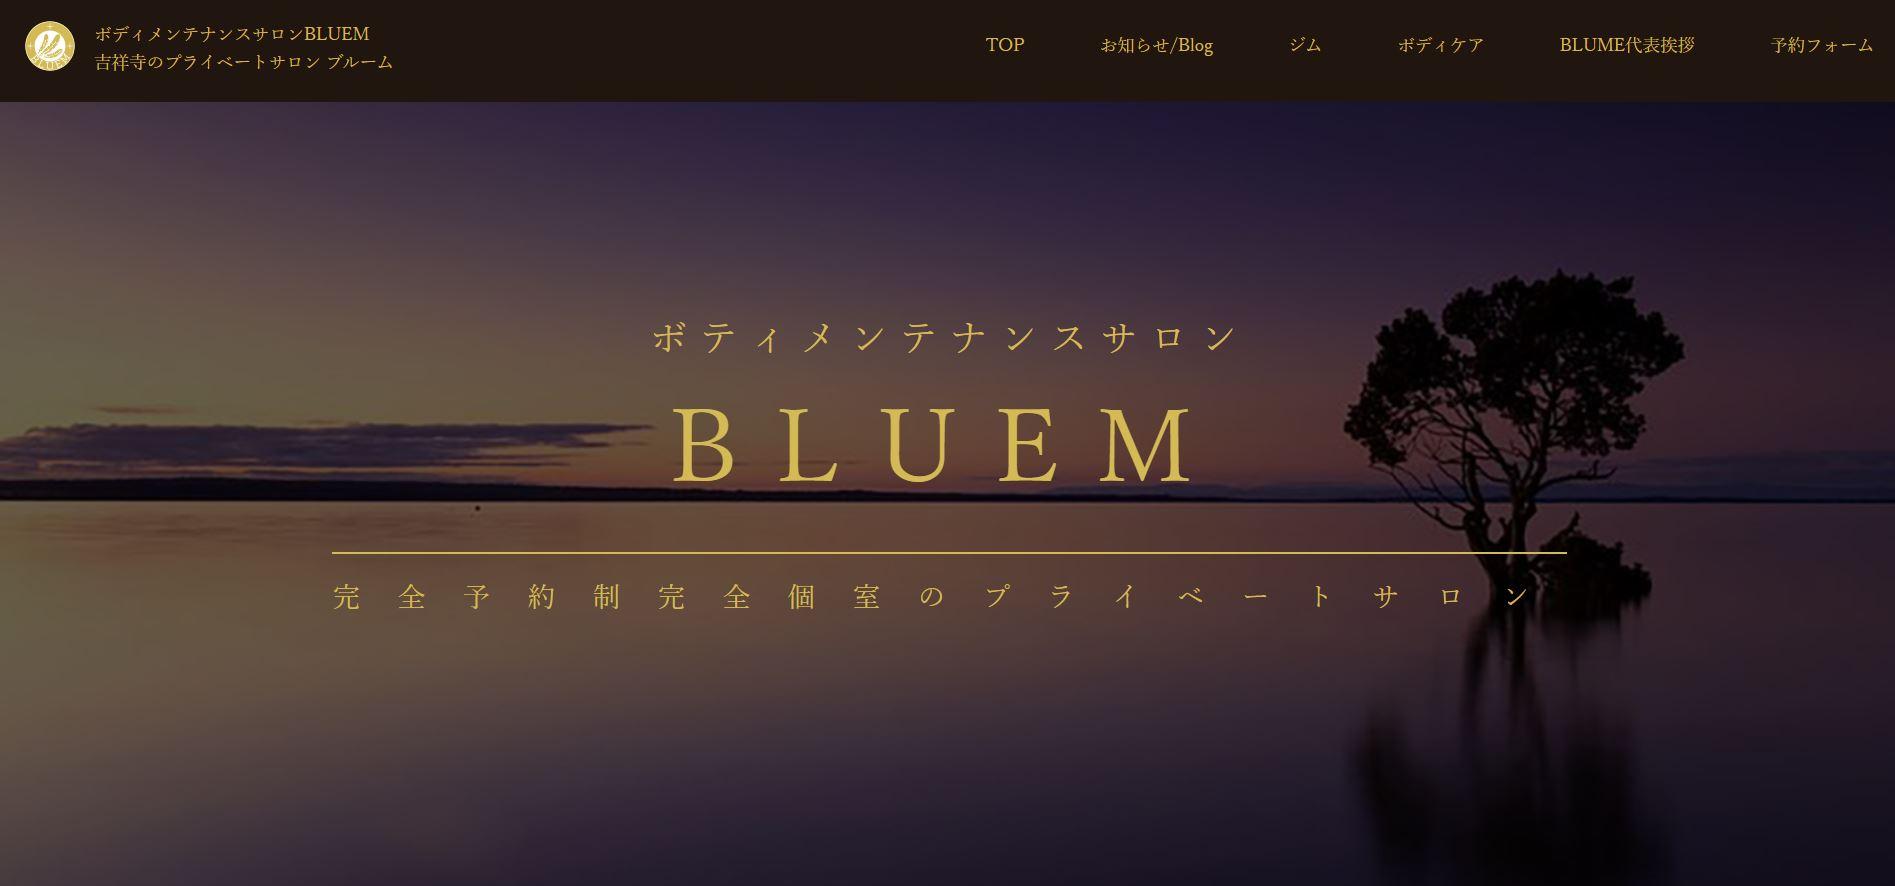 2位 BLUEM(ブルーム) 吉祥寺店